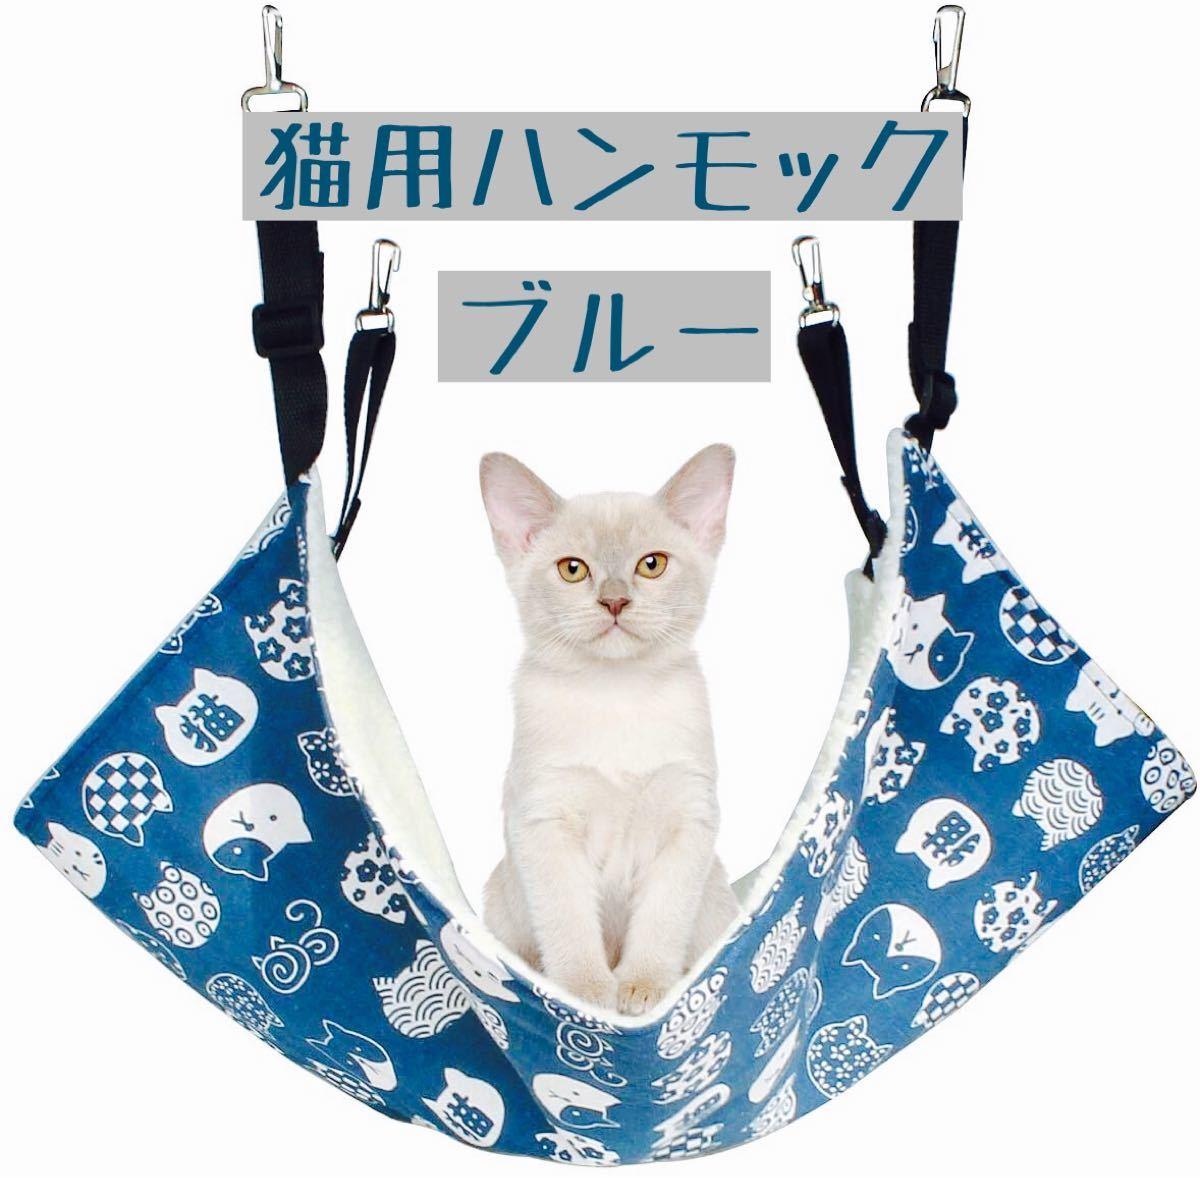 猫ケージハンモック キャットタワーハンモック ペット用品 和風 ブルー